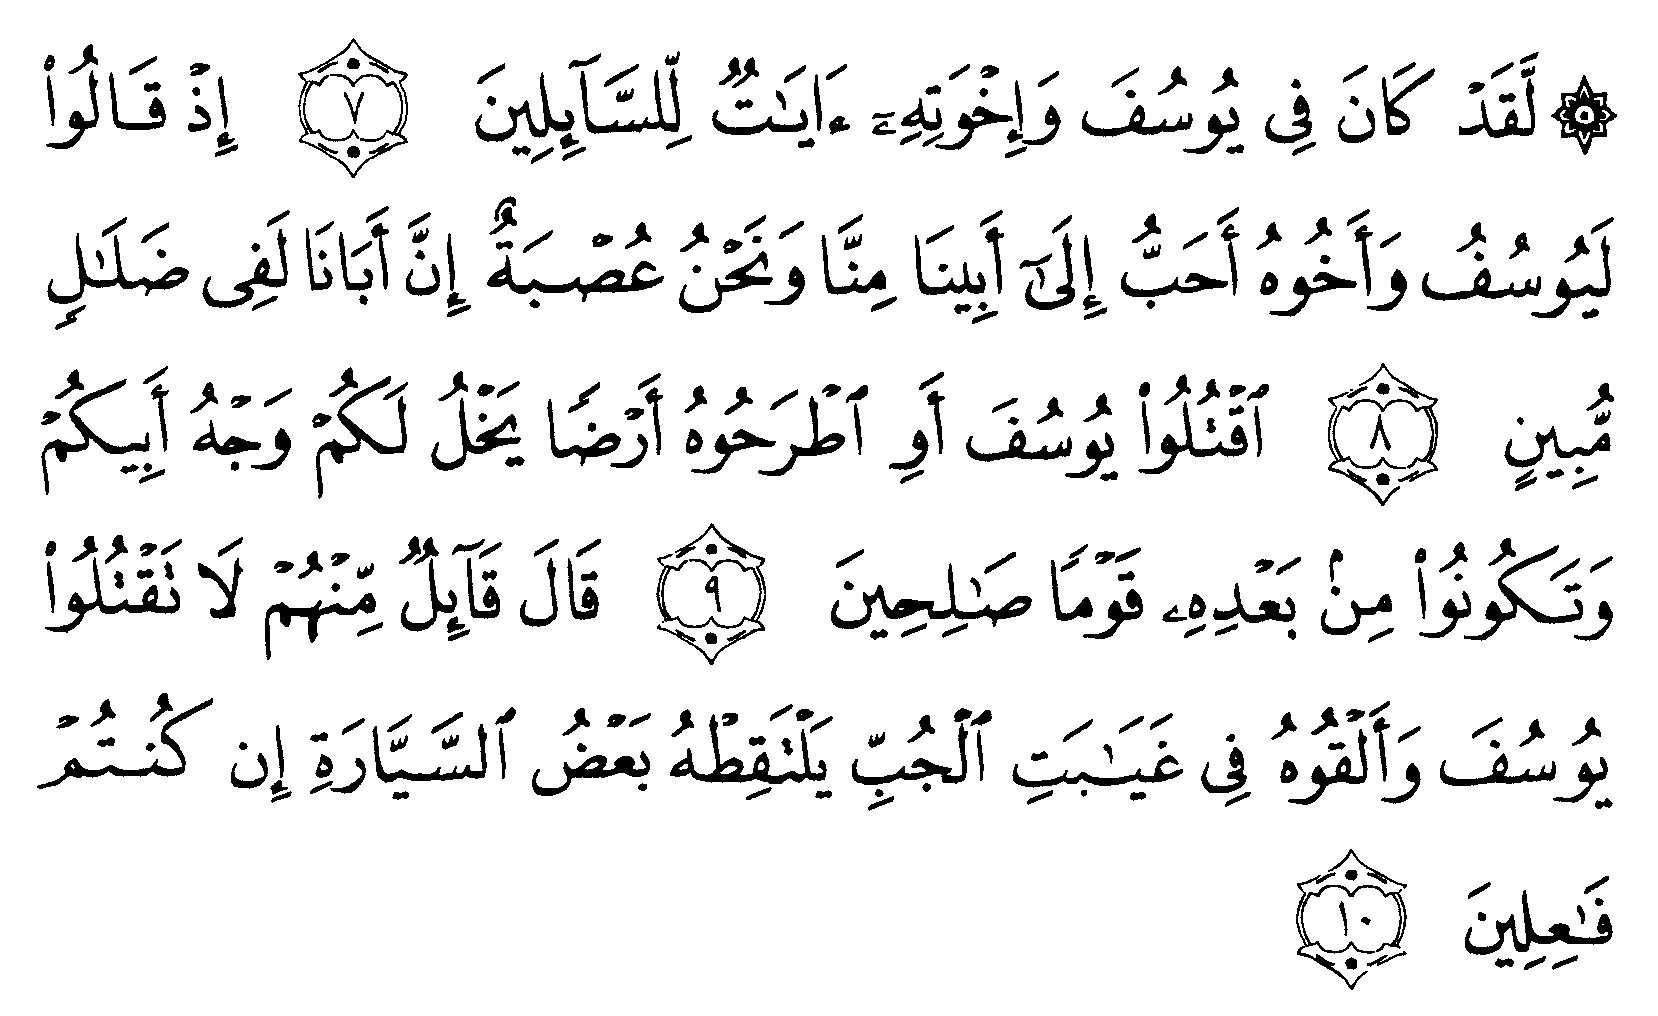 Tafsir Ibnu Katsir Surah Yusuf Ayat 7 10 Alquranmulia